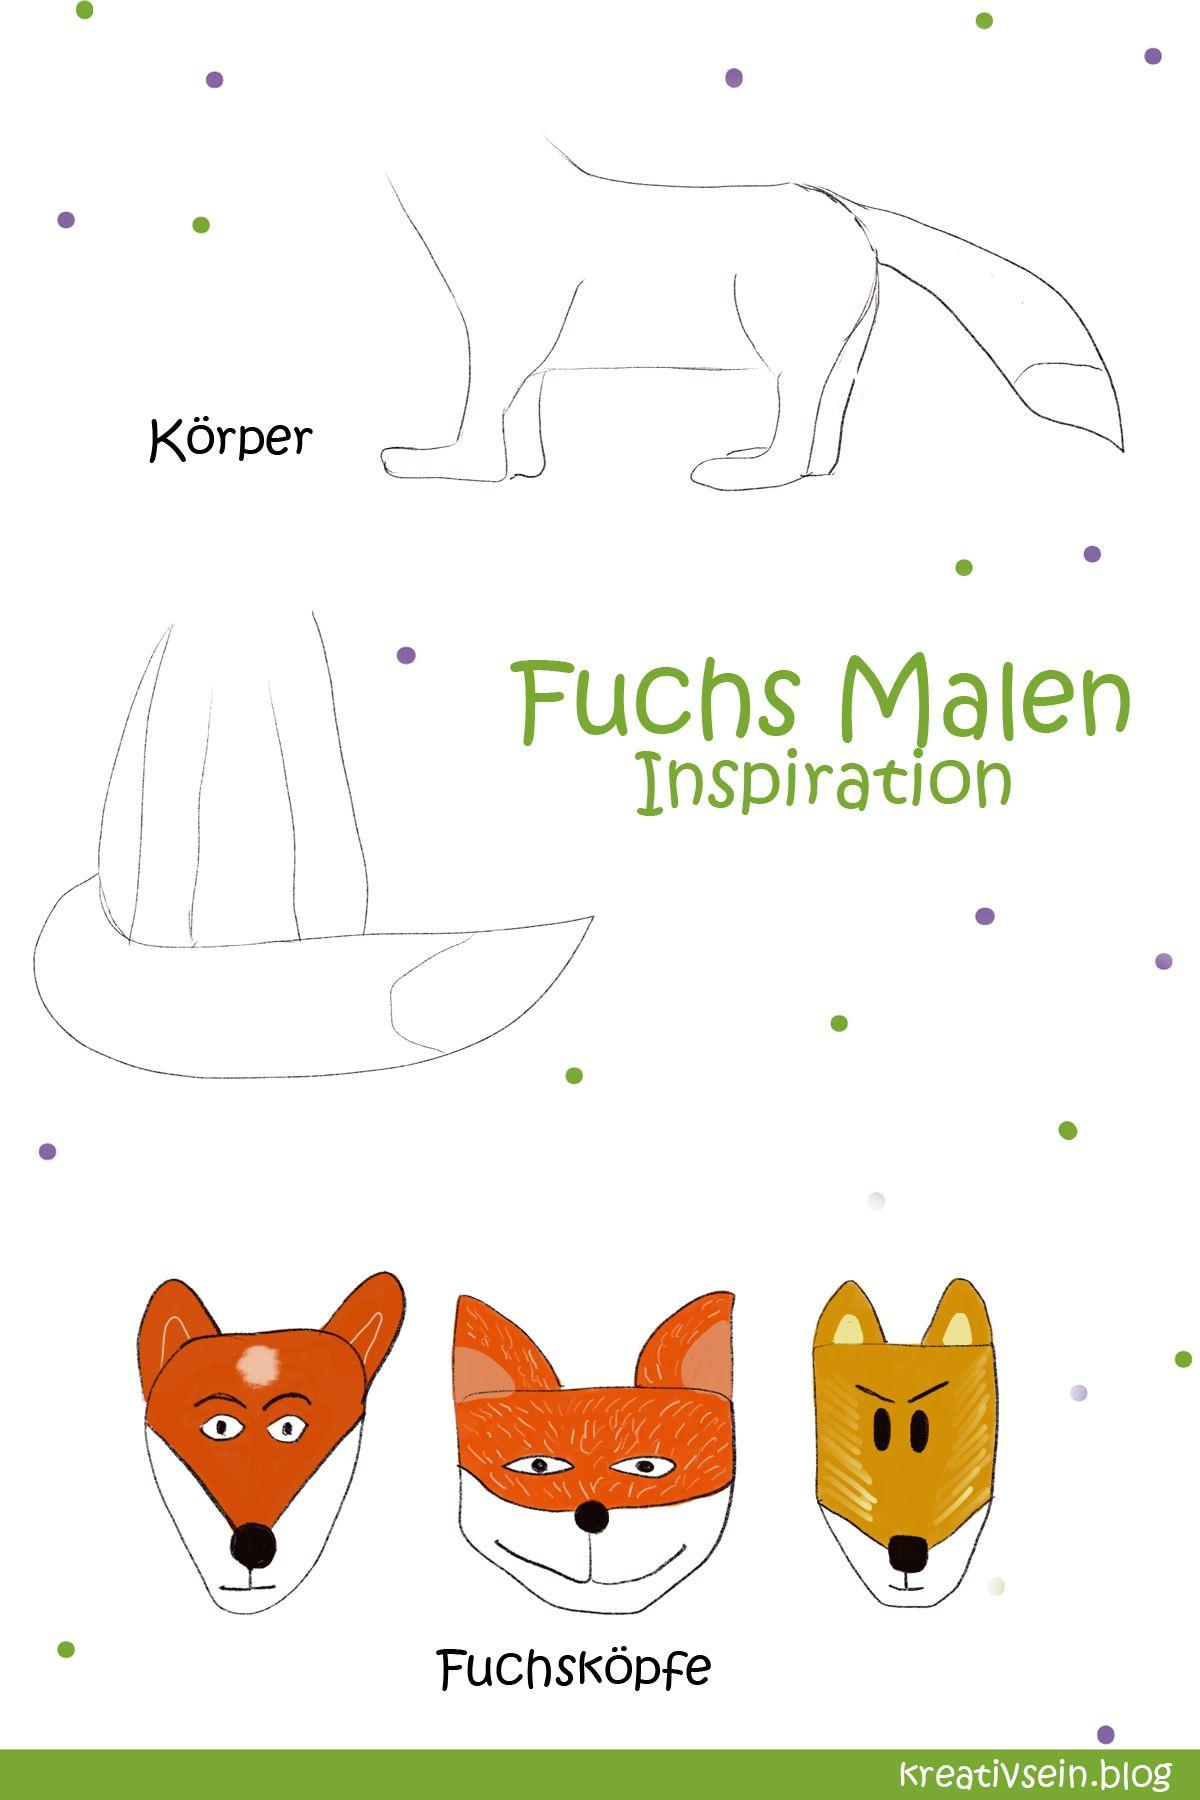 Fuchs Malen Mit Vorlage Geht Es Ganz Einfach Kreativsein Blog Fuchs Zeichnen Tiere Malen Fuchs